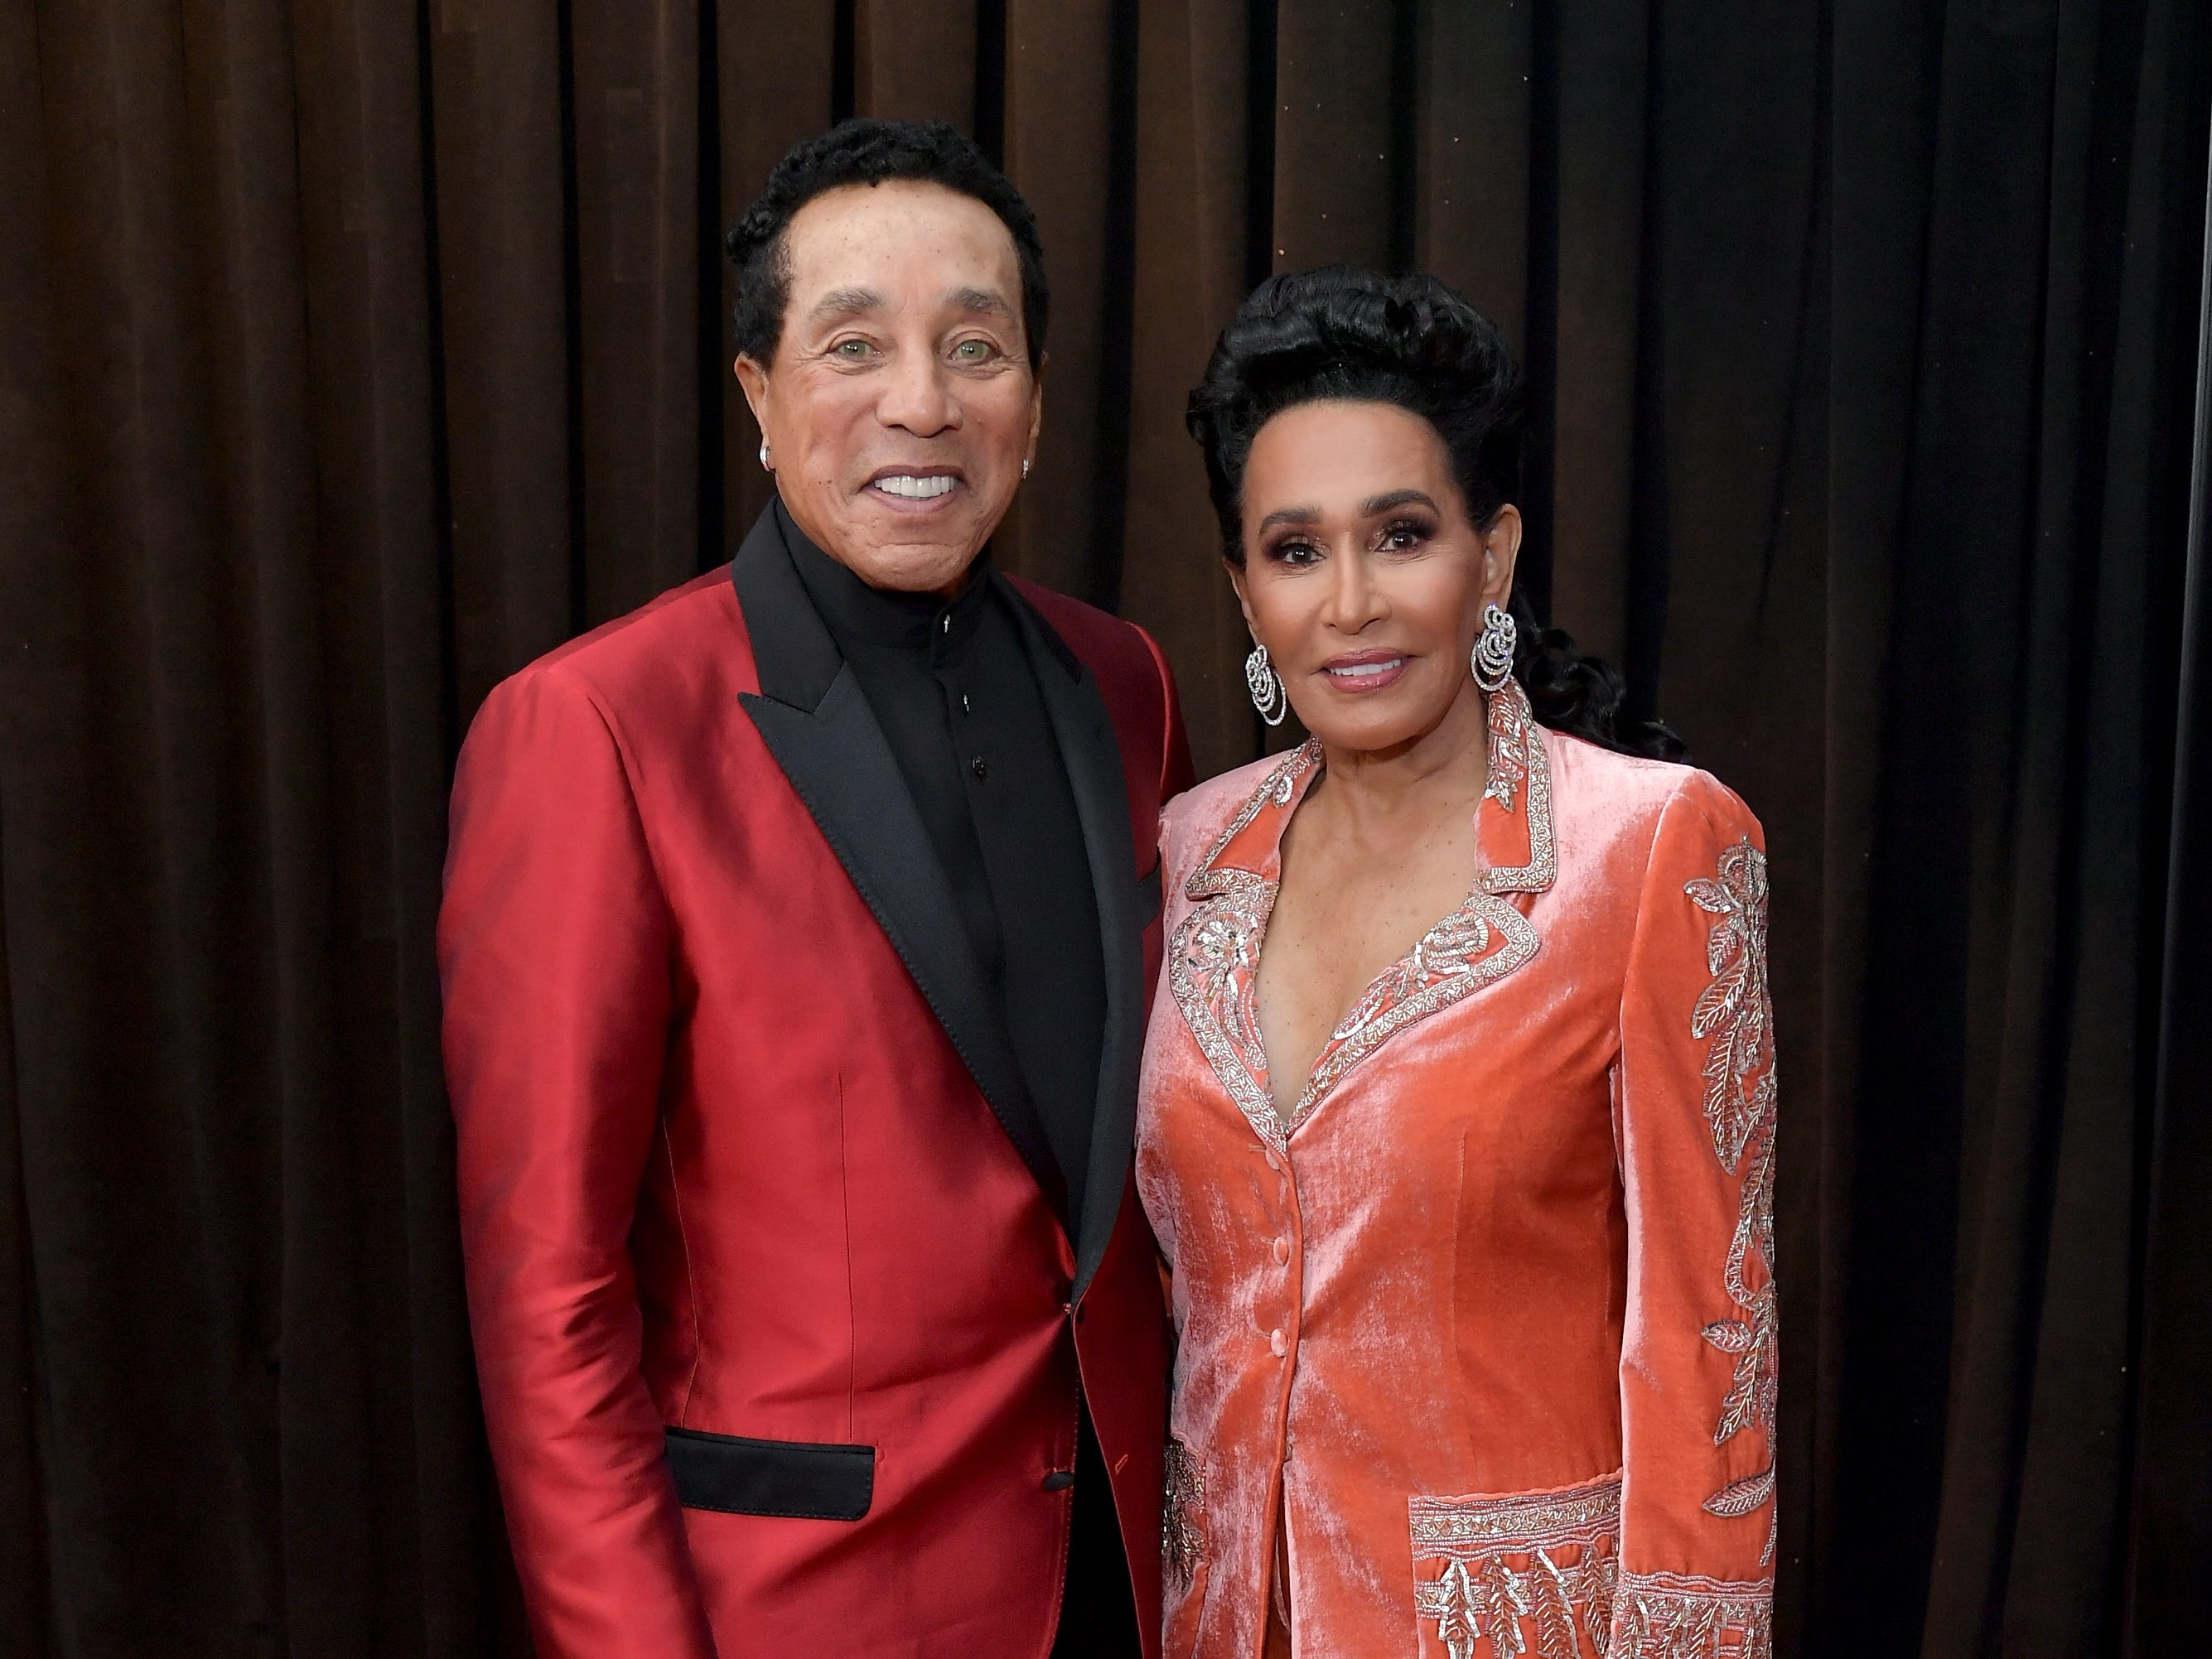 Smokey Robinson (izq) y Frances Glandney asisten a la 61ª edición de los premios GRAMMY en el Staples Center el 10 de febrero de 2019 en Los Ángeles, California.